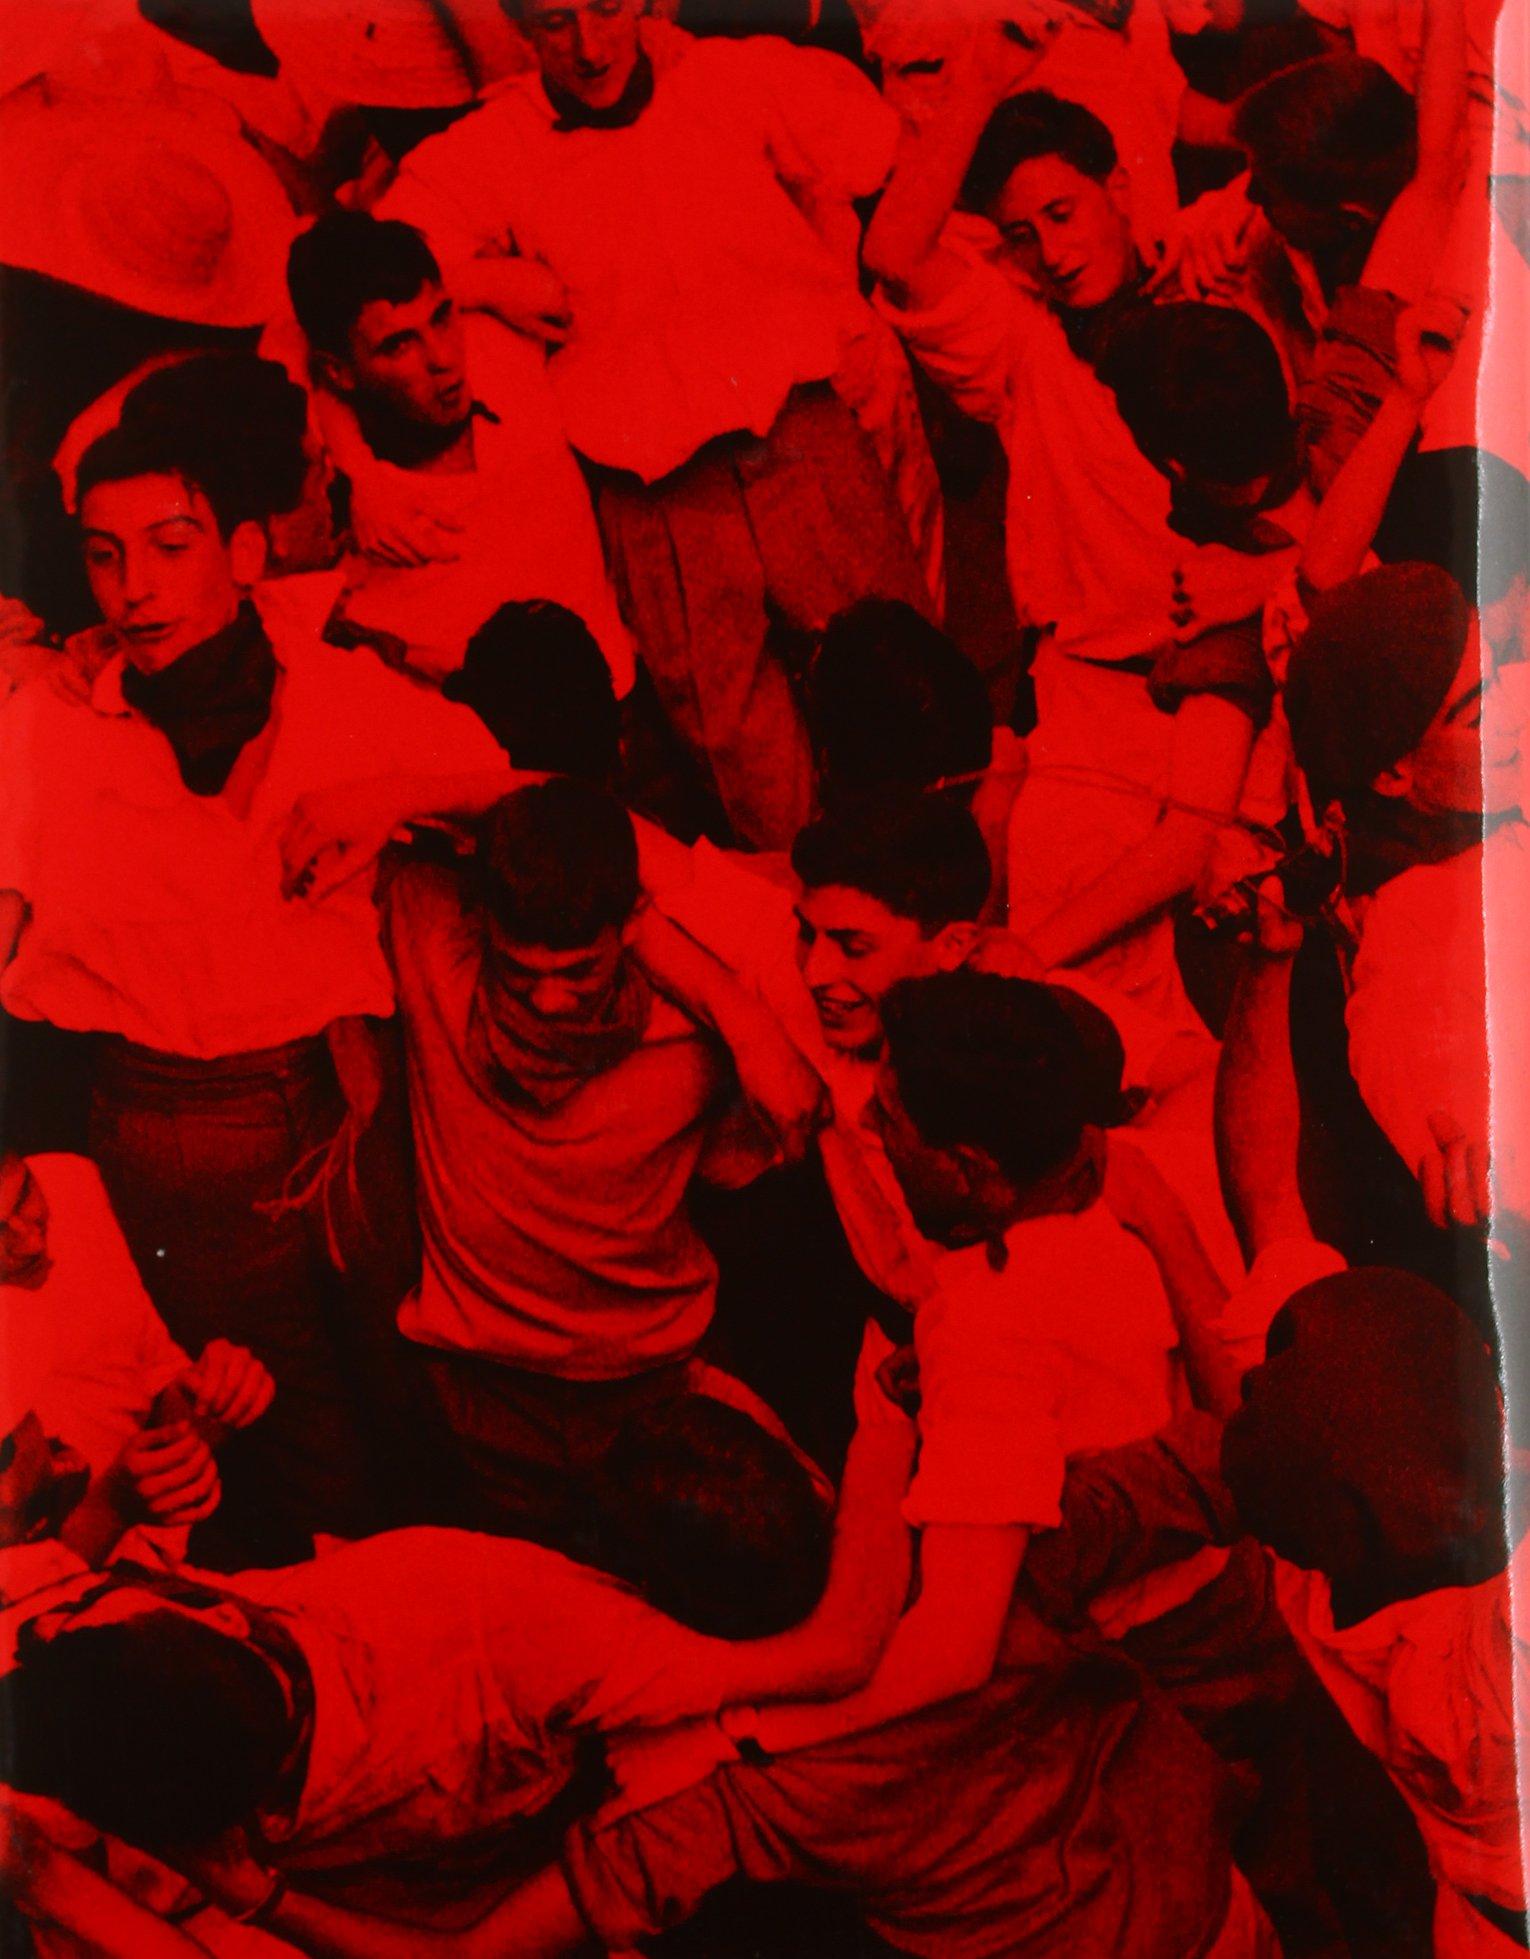 Ramon Masats: Sanfermines (LIBROS DE AUTOR): Amazon.es: Masats, Ramón: Libros